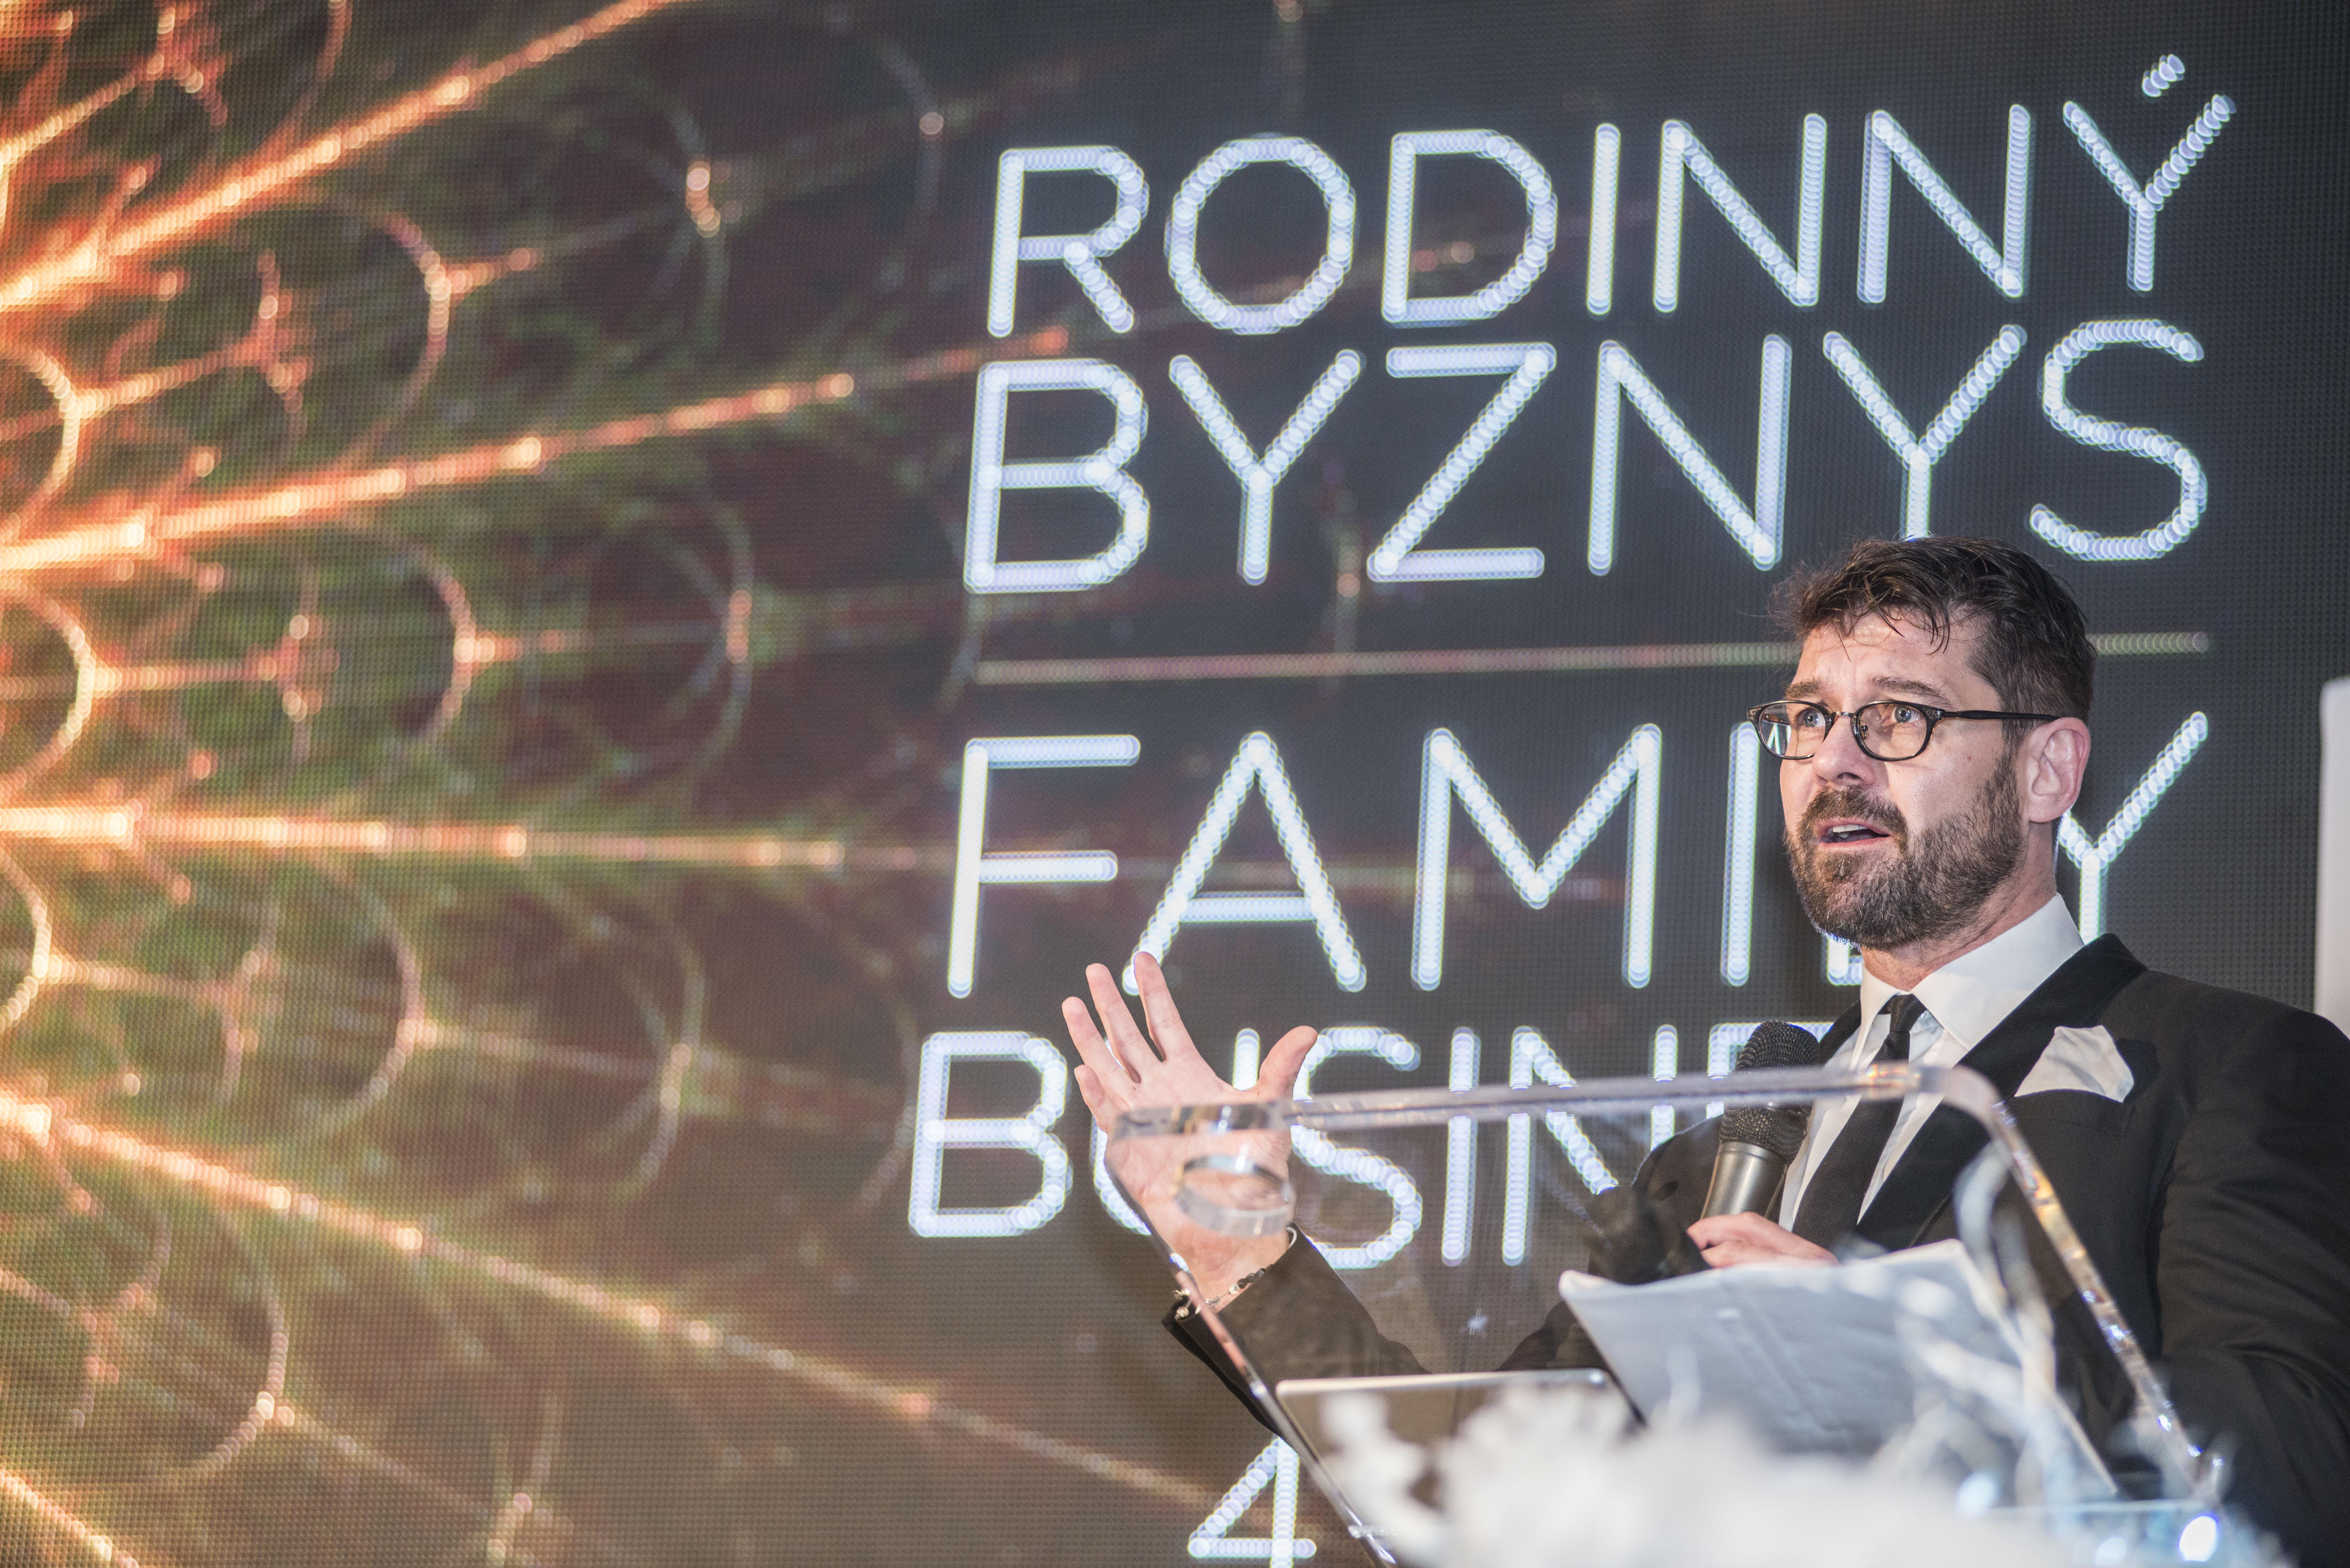 Petr Šimůnek, šéfredaktor časopisu Forbes a moderátor večera.